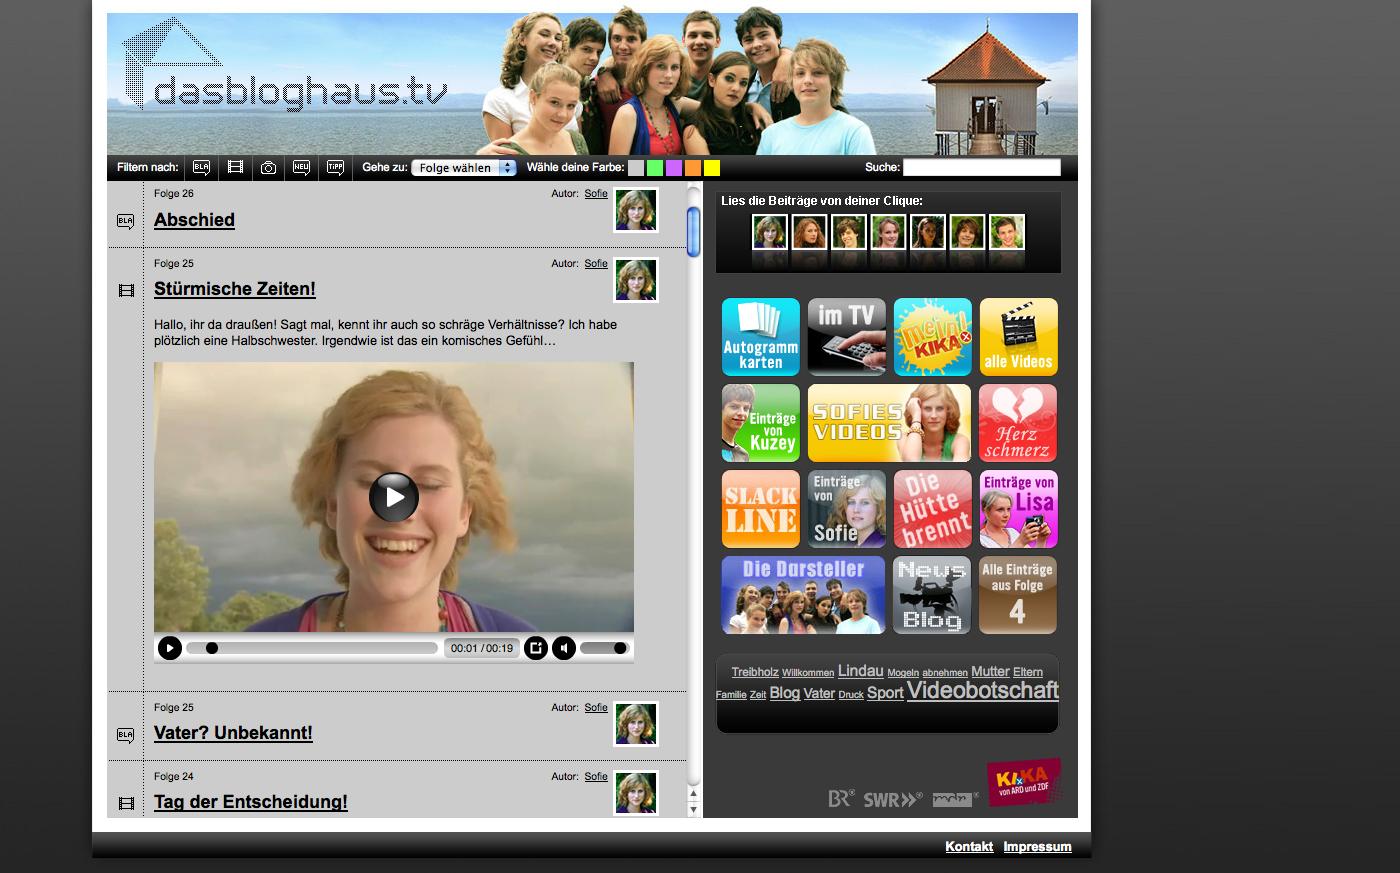 dasbloghaus.tv